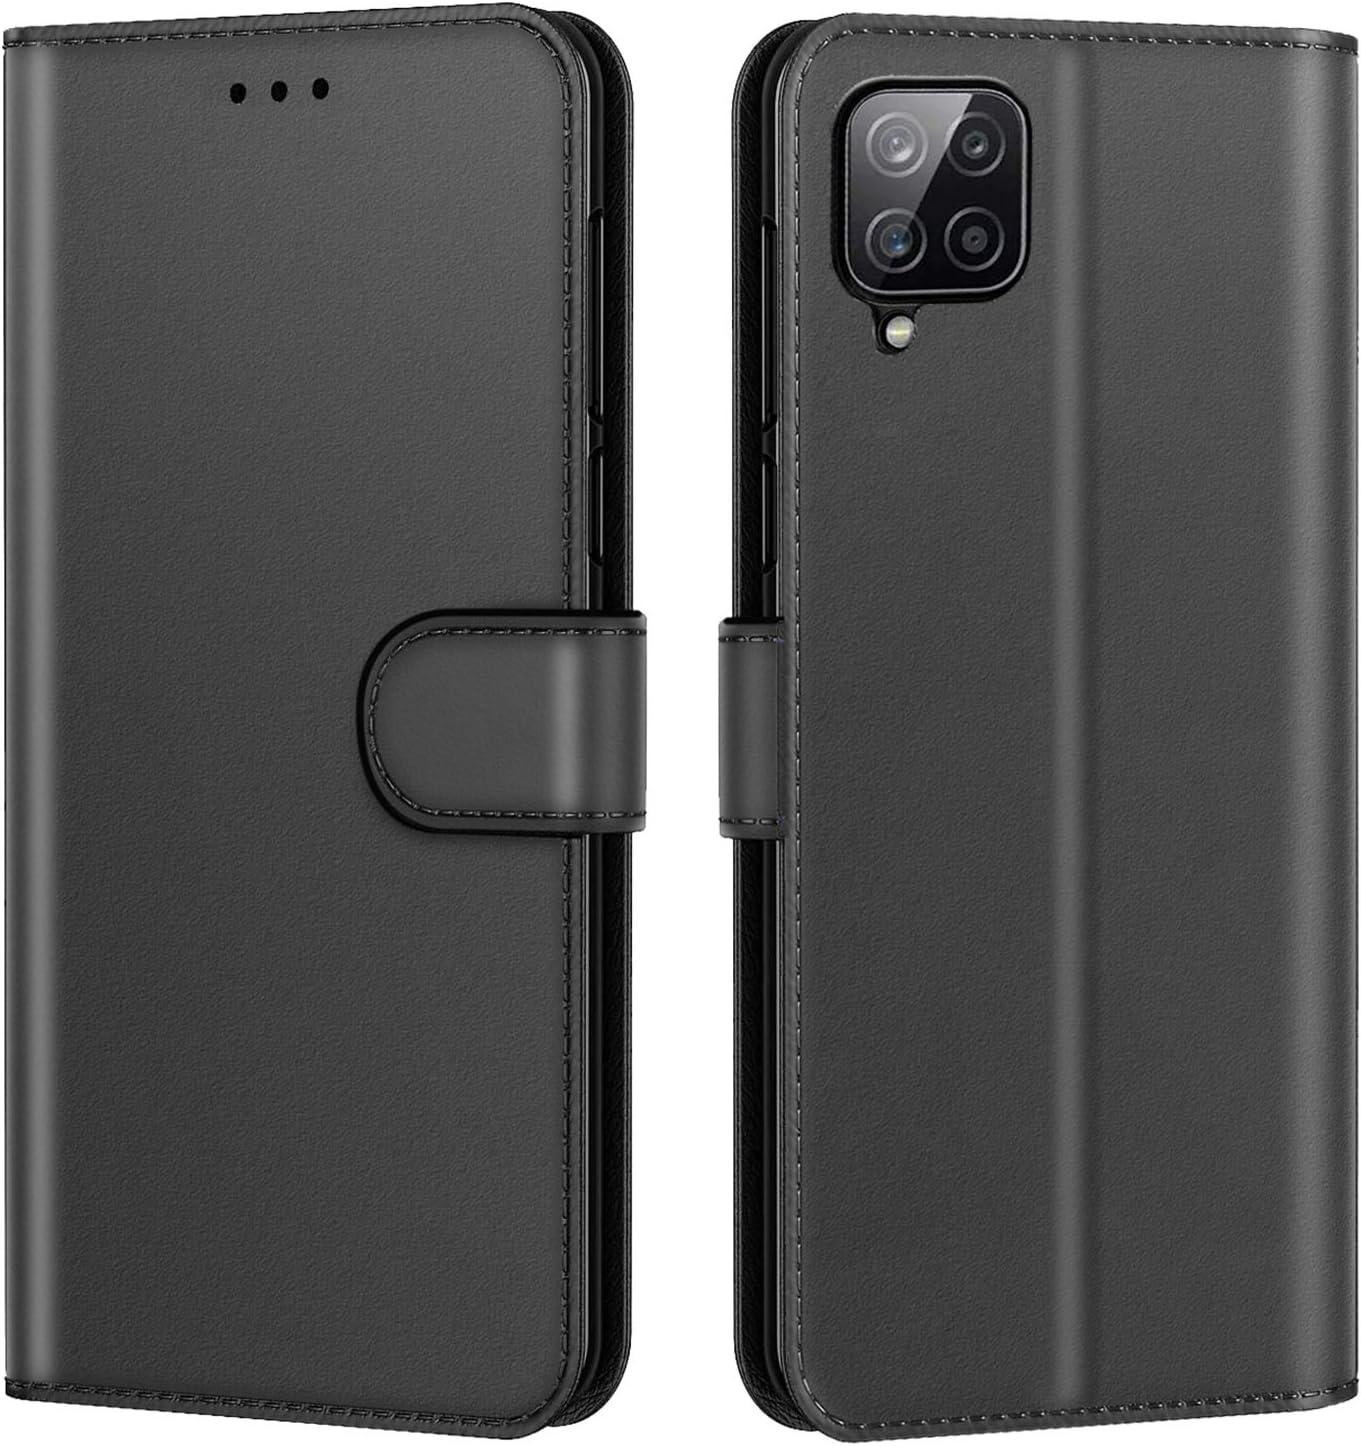 Fermeture Magn/étique /à Clapet Anti-Choc Noir New/&Teck Coque pour Samsung Galaxy A12 Housse Etui Portefeuille Cuir Multifonction